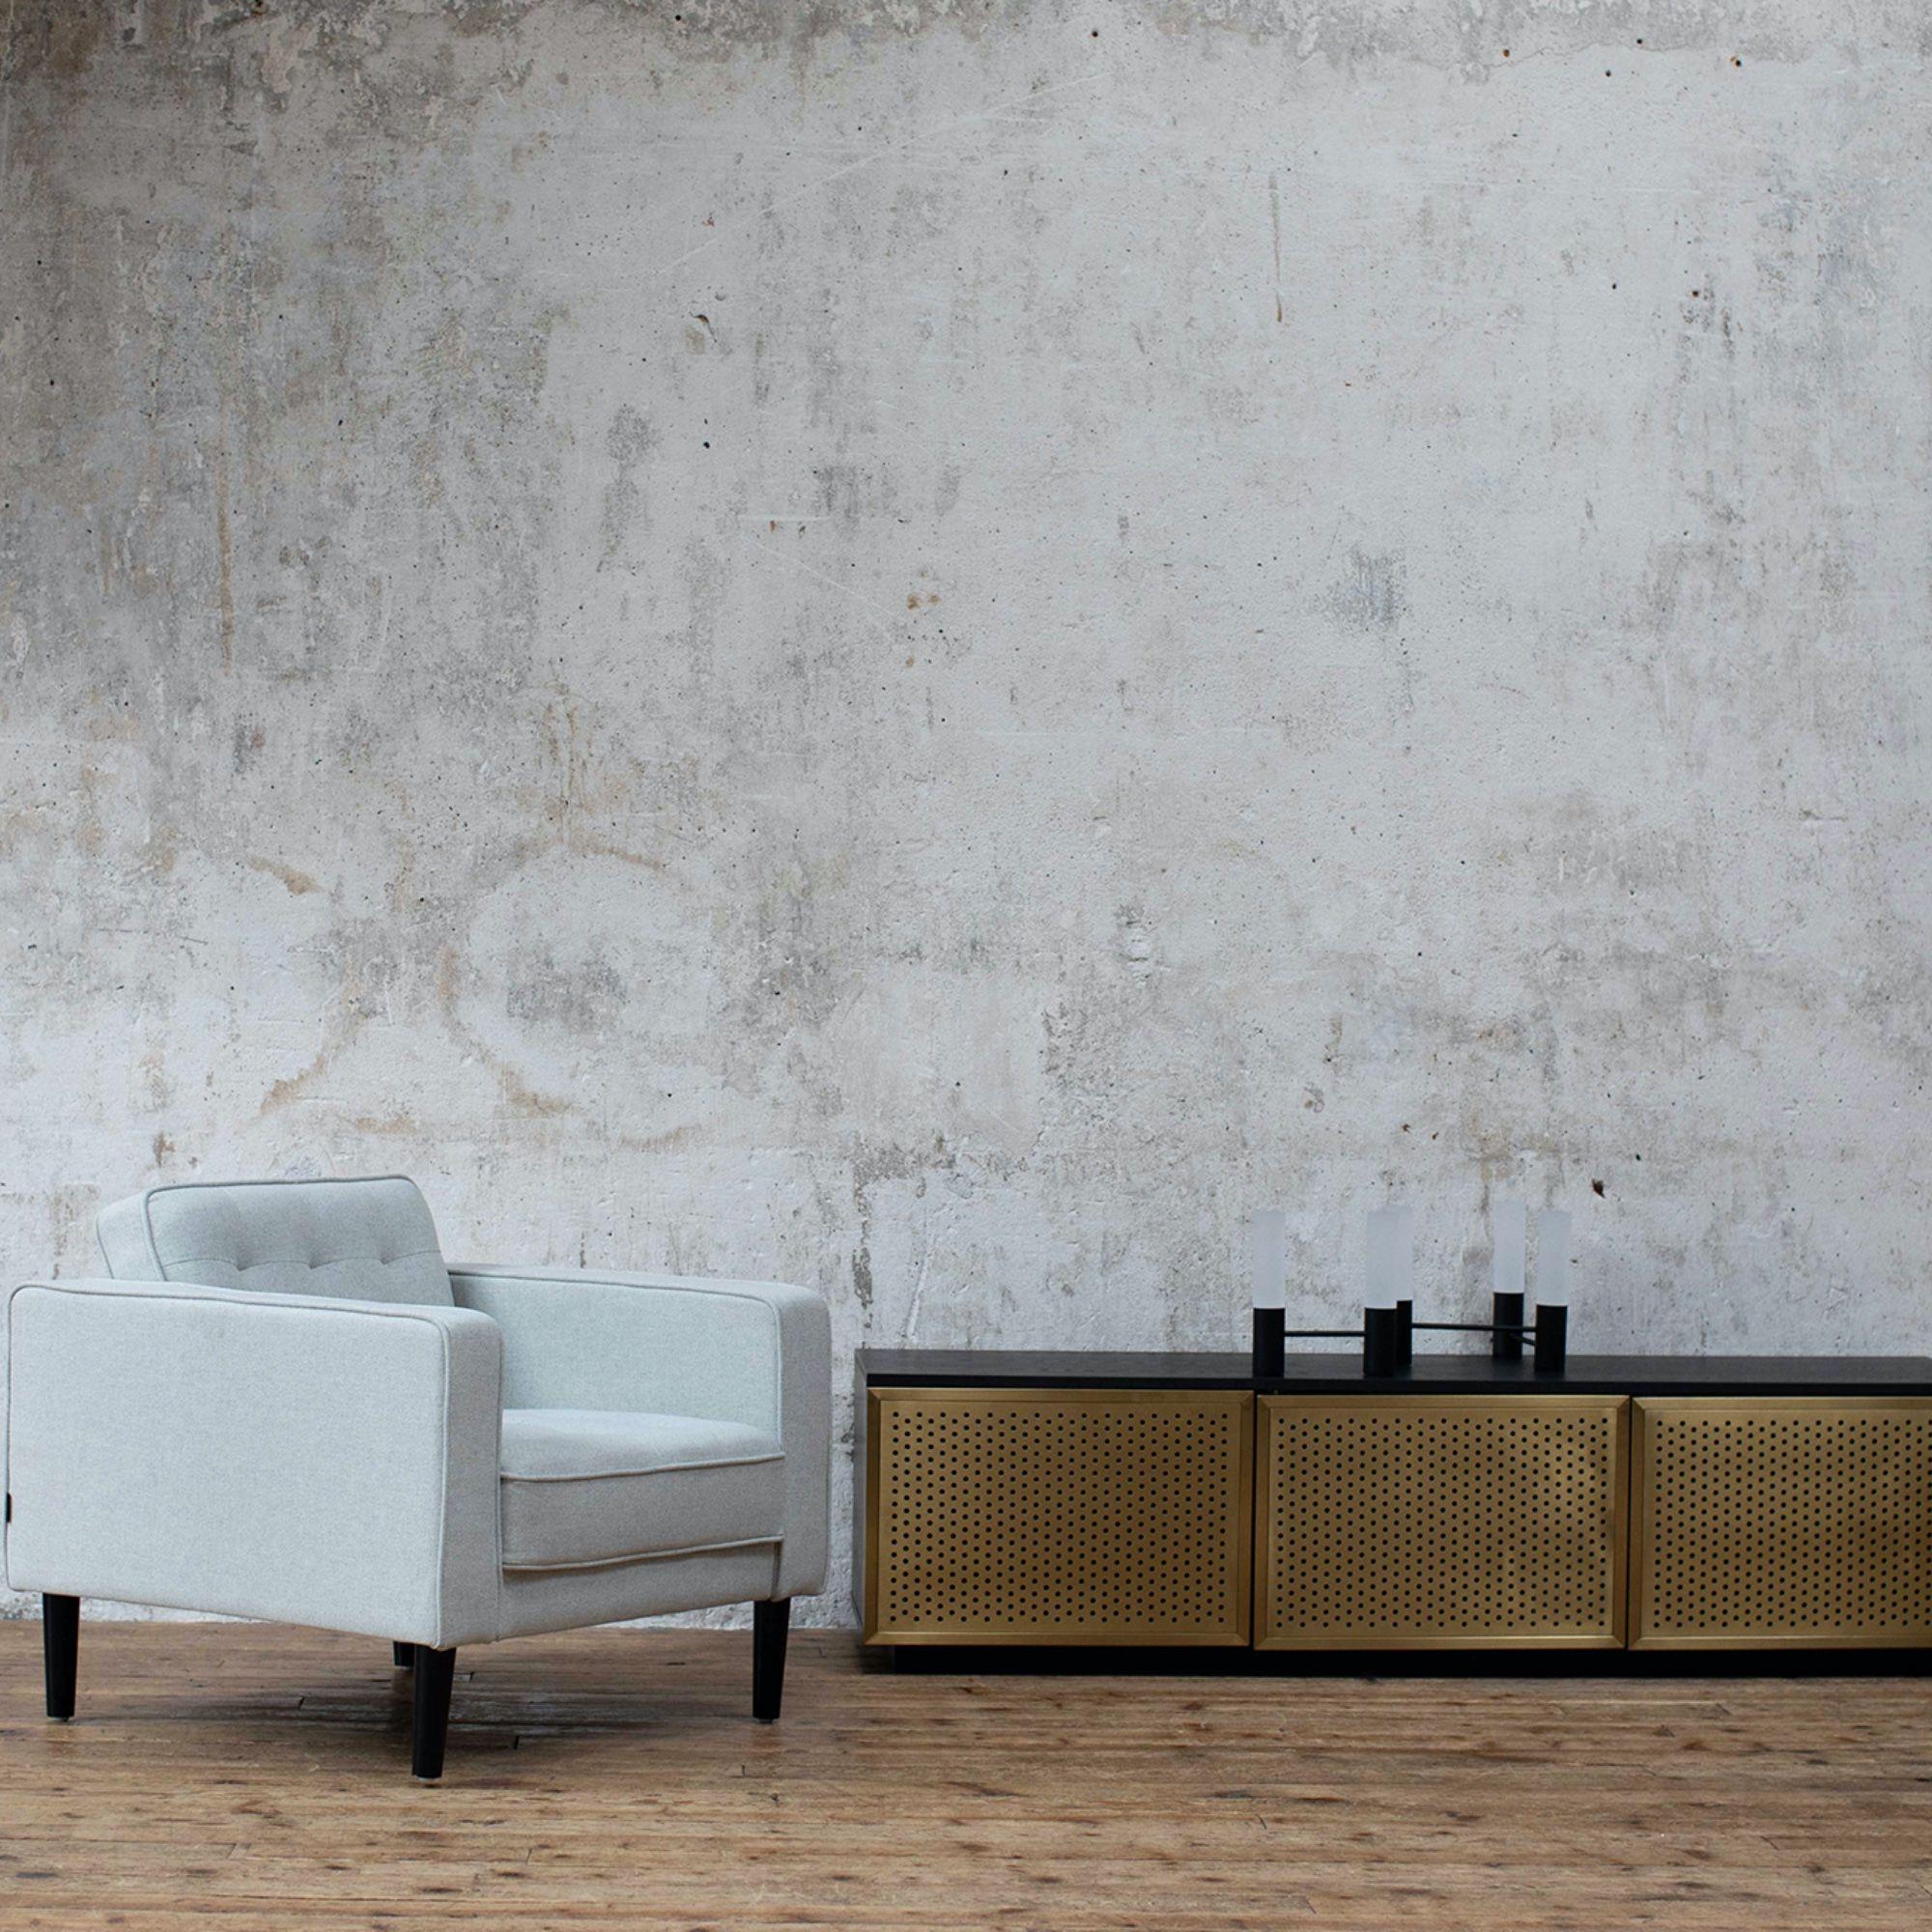 L Essentiel Deco Pour Un Style Industriel Chic Mobilier De Salon Deco Minimaliste Deco Interieure